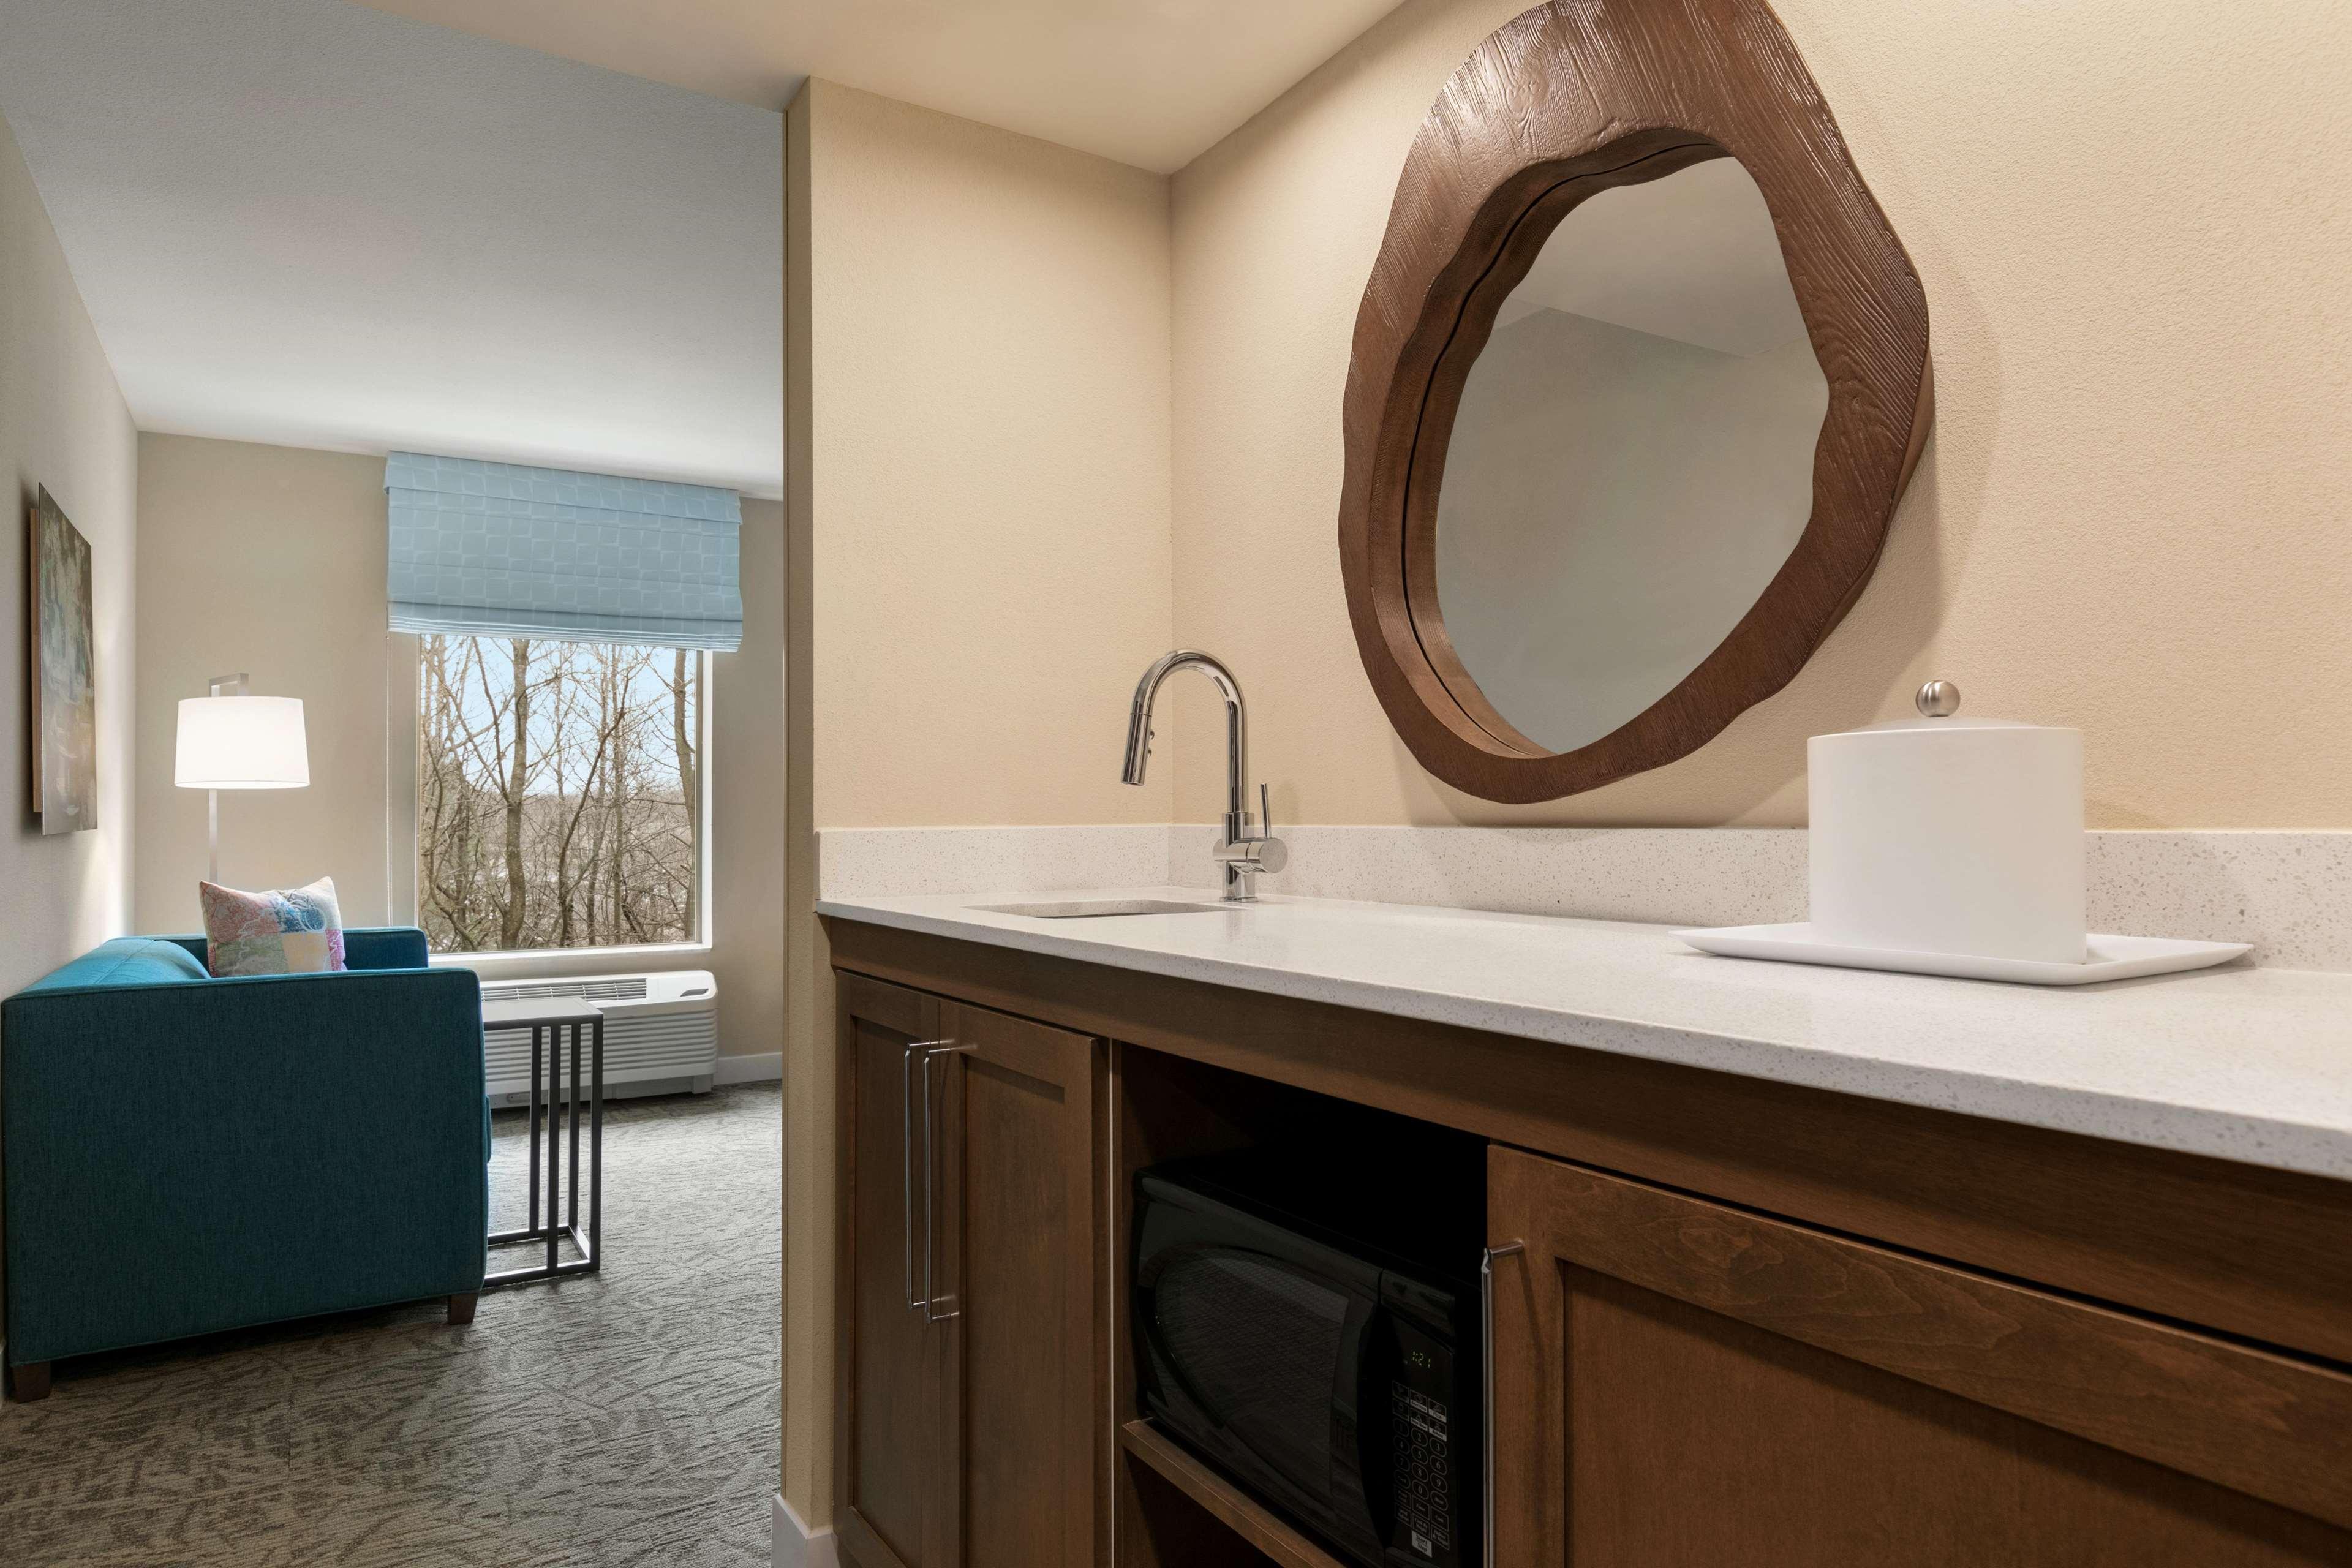 Hampton Inn and Suites Johns Creek image 16